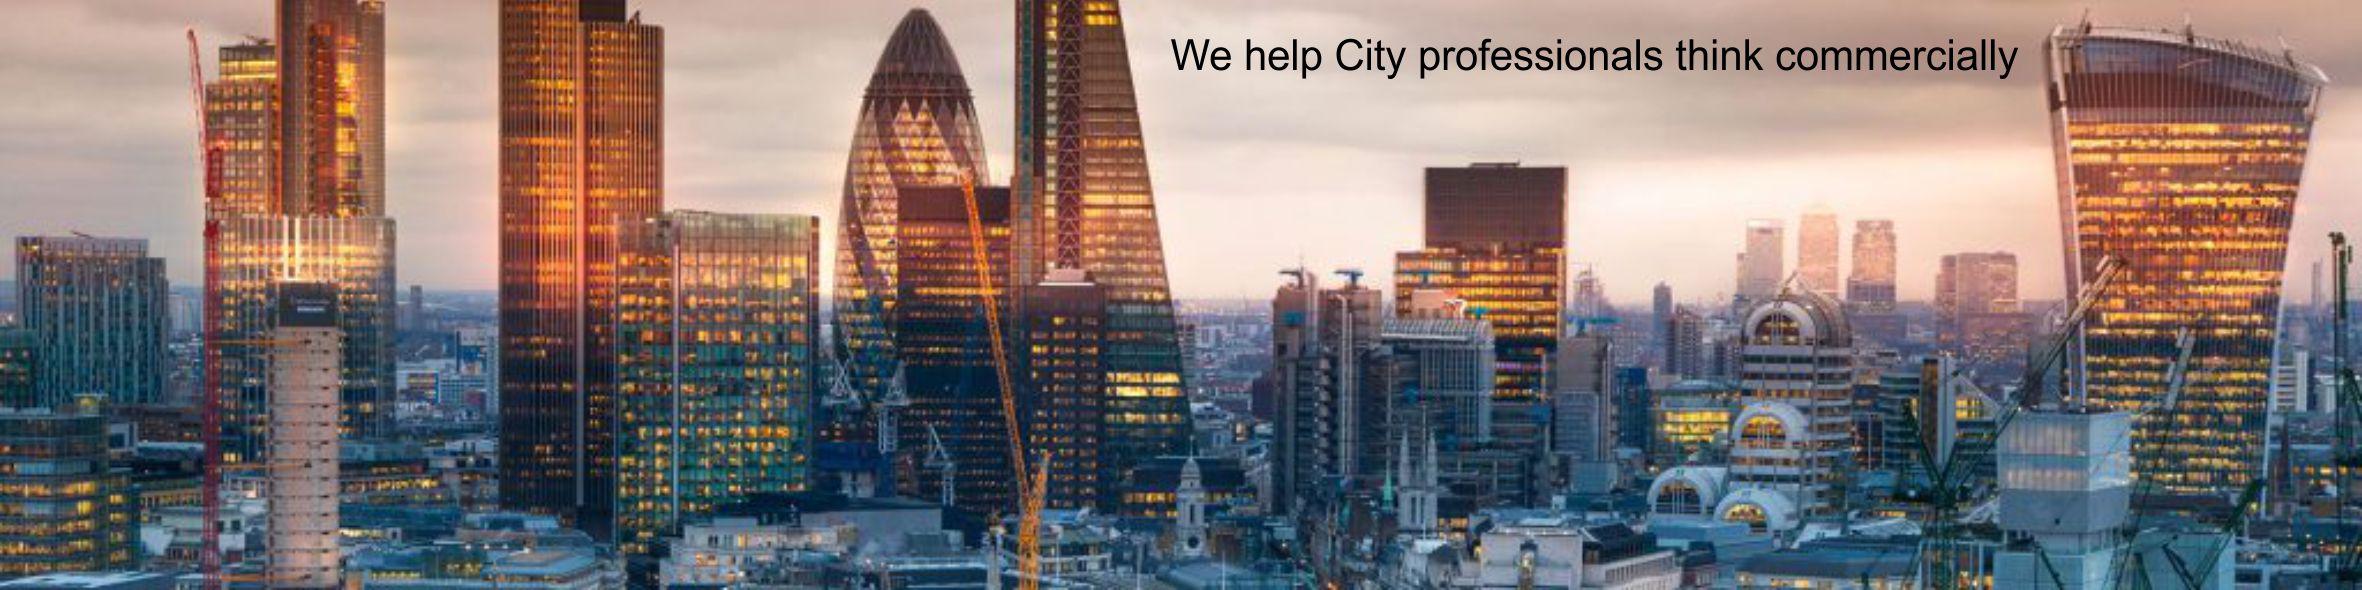 city-text